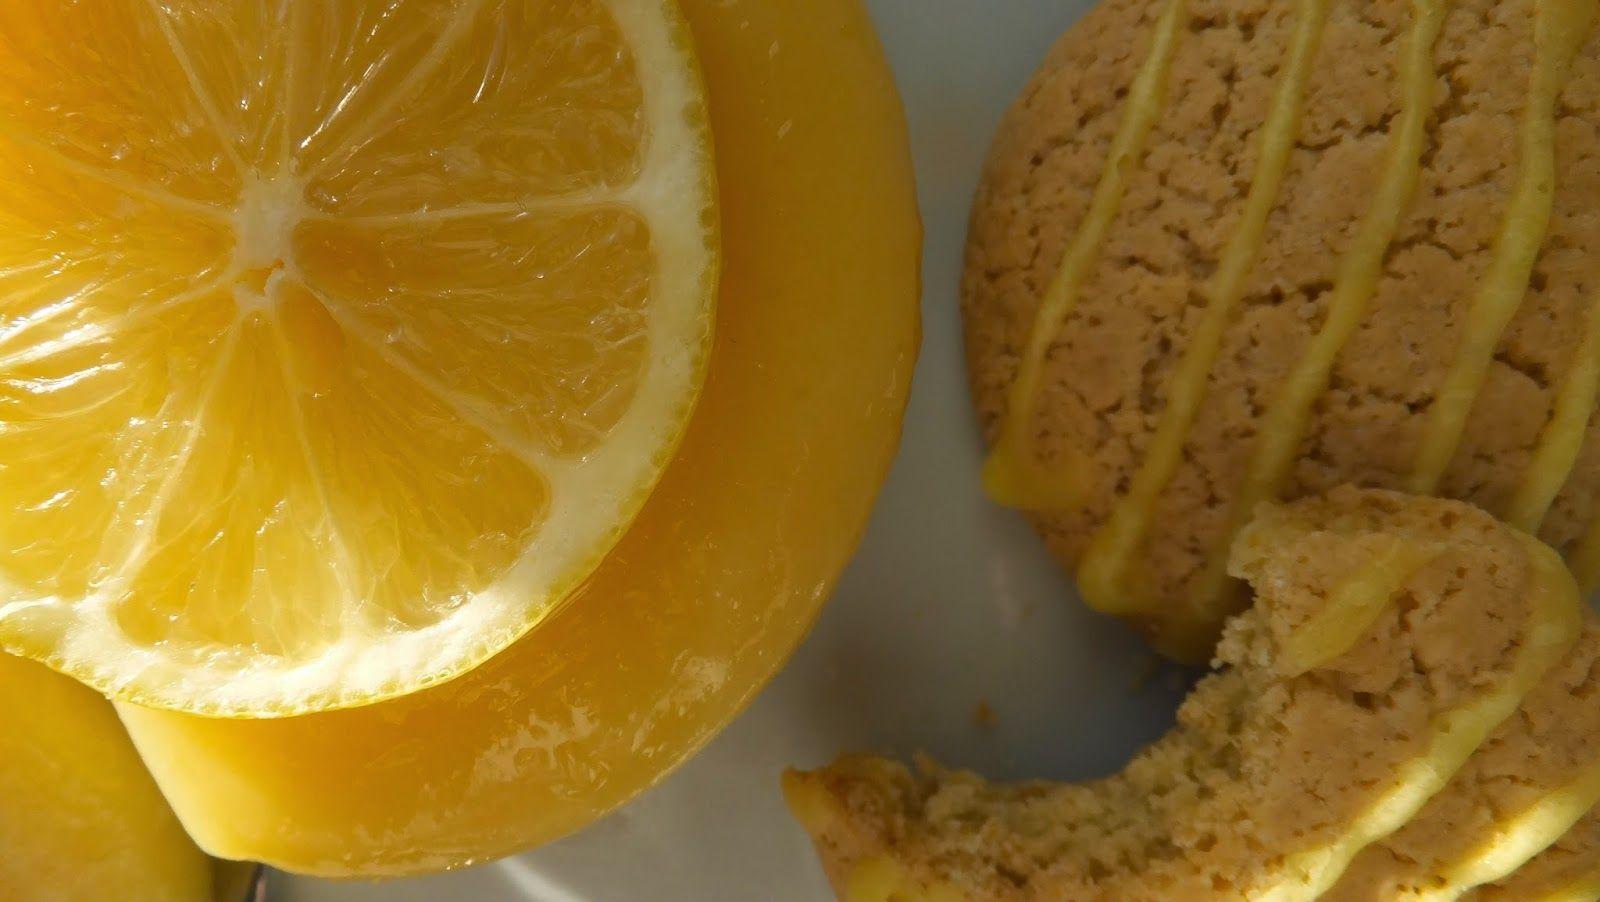 El restaurante del fin del mundo: Los pastelitos de limón de juego ...